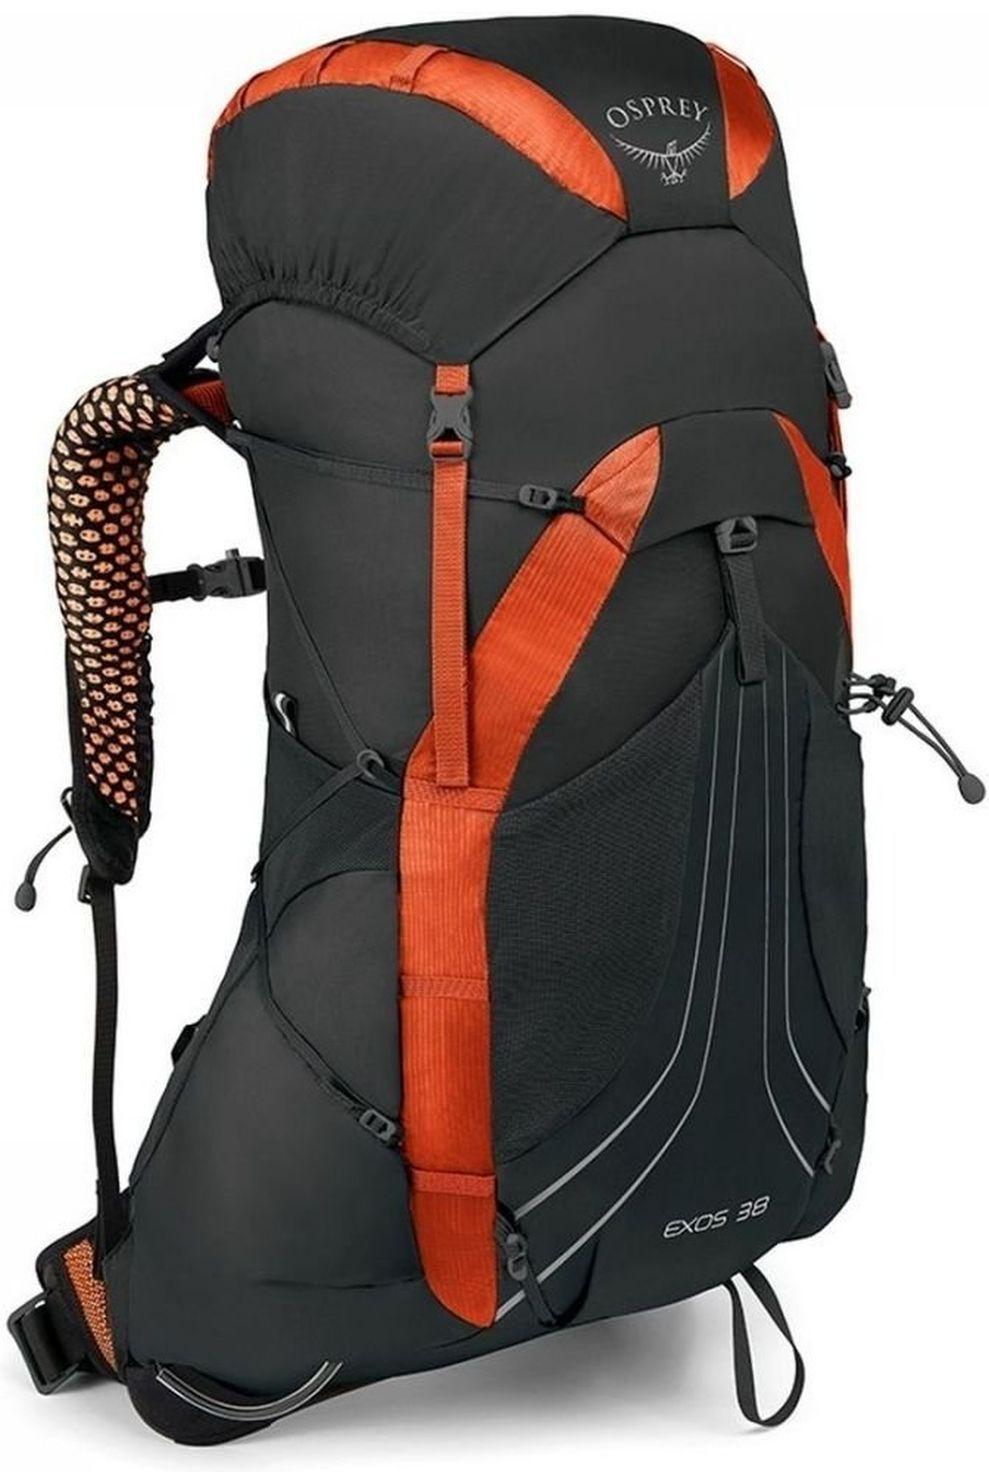 Osprey Tourpack Exos 38 voor heren - Zwart/Rood - Maat: M